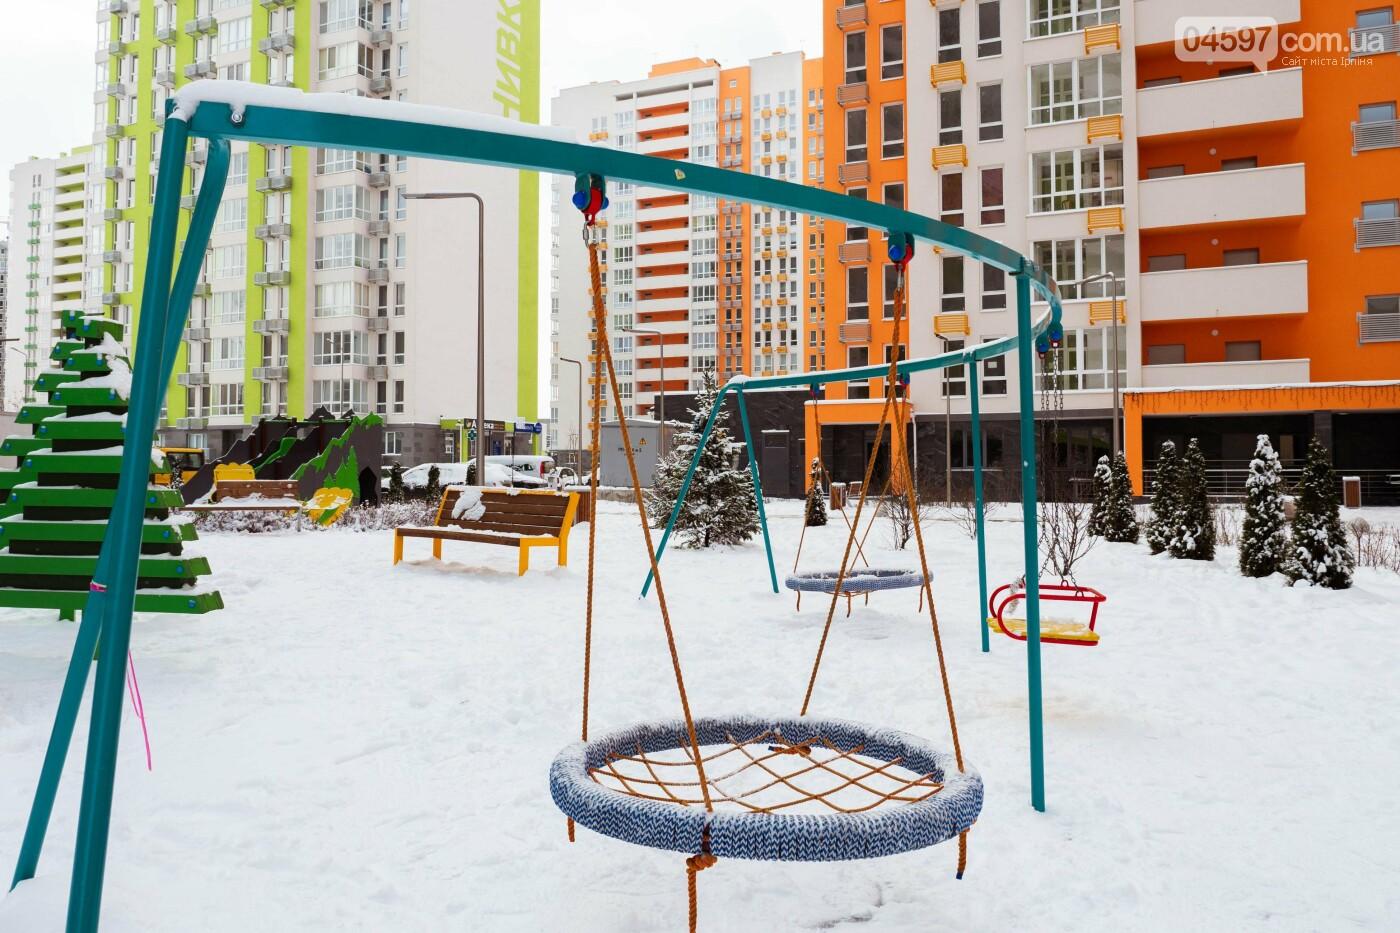 Новобудови Києва: ЖК «Нивки-Парк» пропонує купити квартиру в розстрочку, фото-1